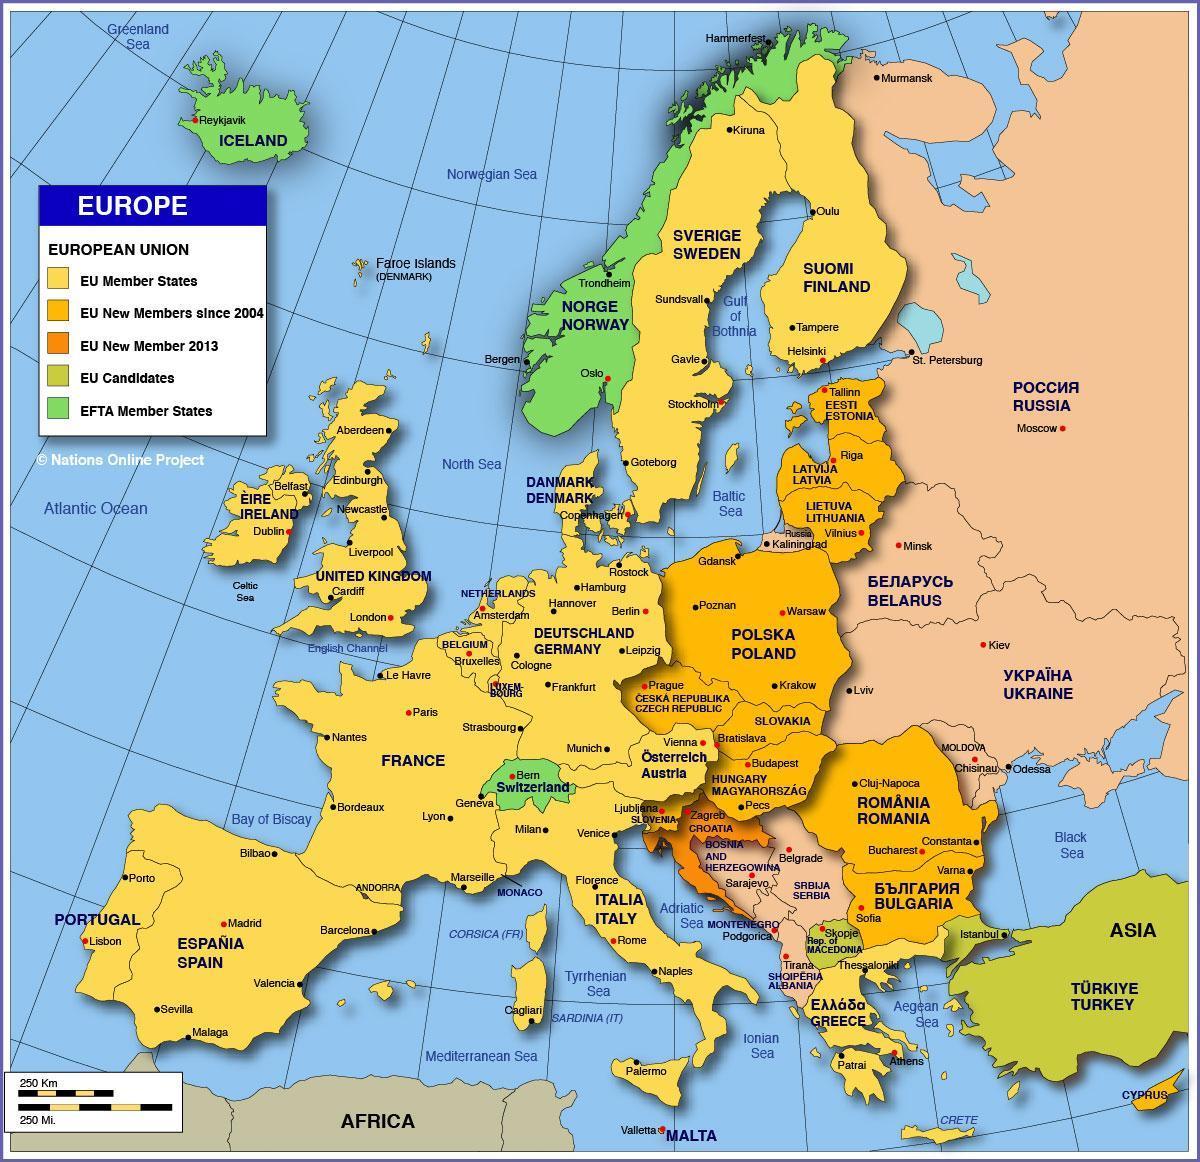 Politisk Kort Over Europa Storformat 164 X 119cm Kontinent